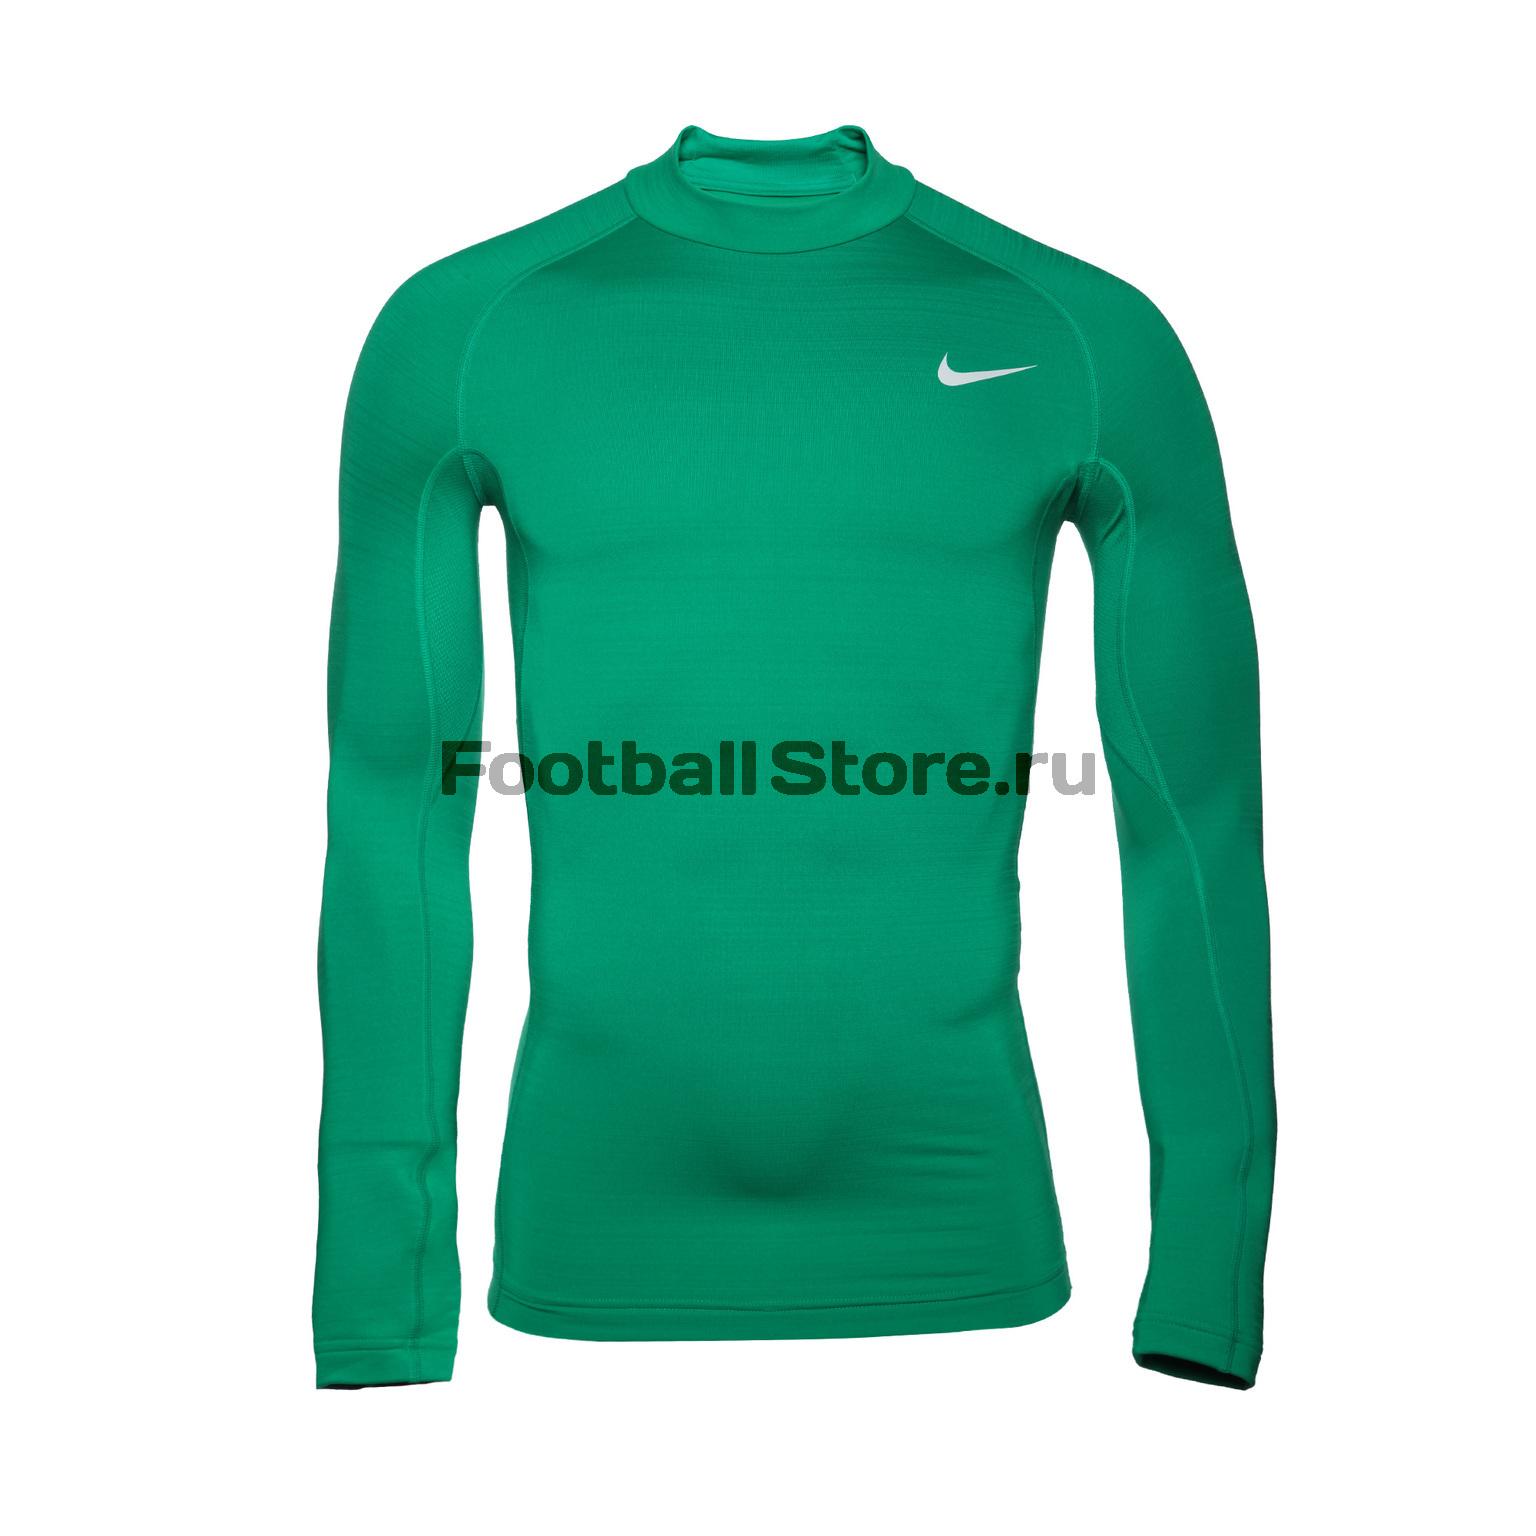 Белье футболка Nike Pro Hyperwarm Compression 689245-319 женская одежда для спорта